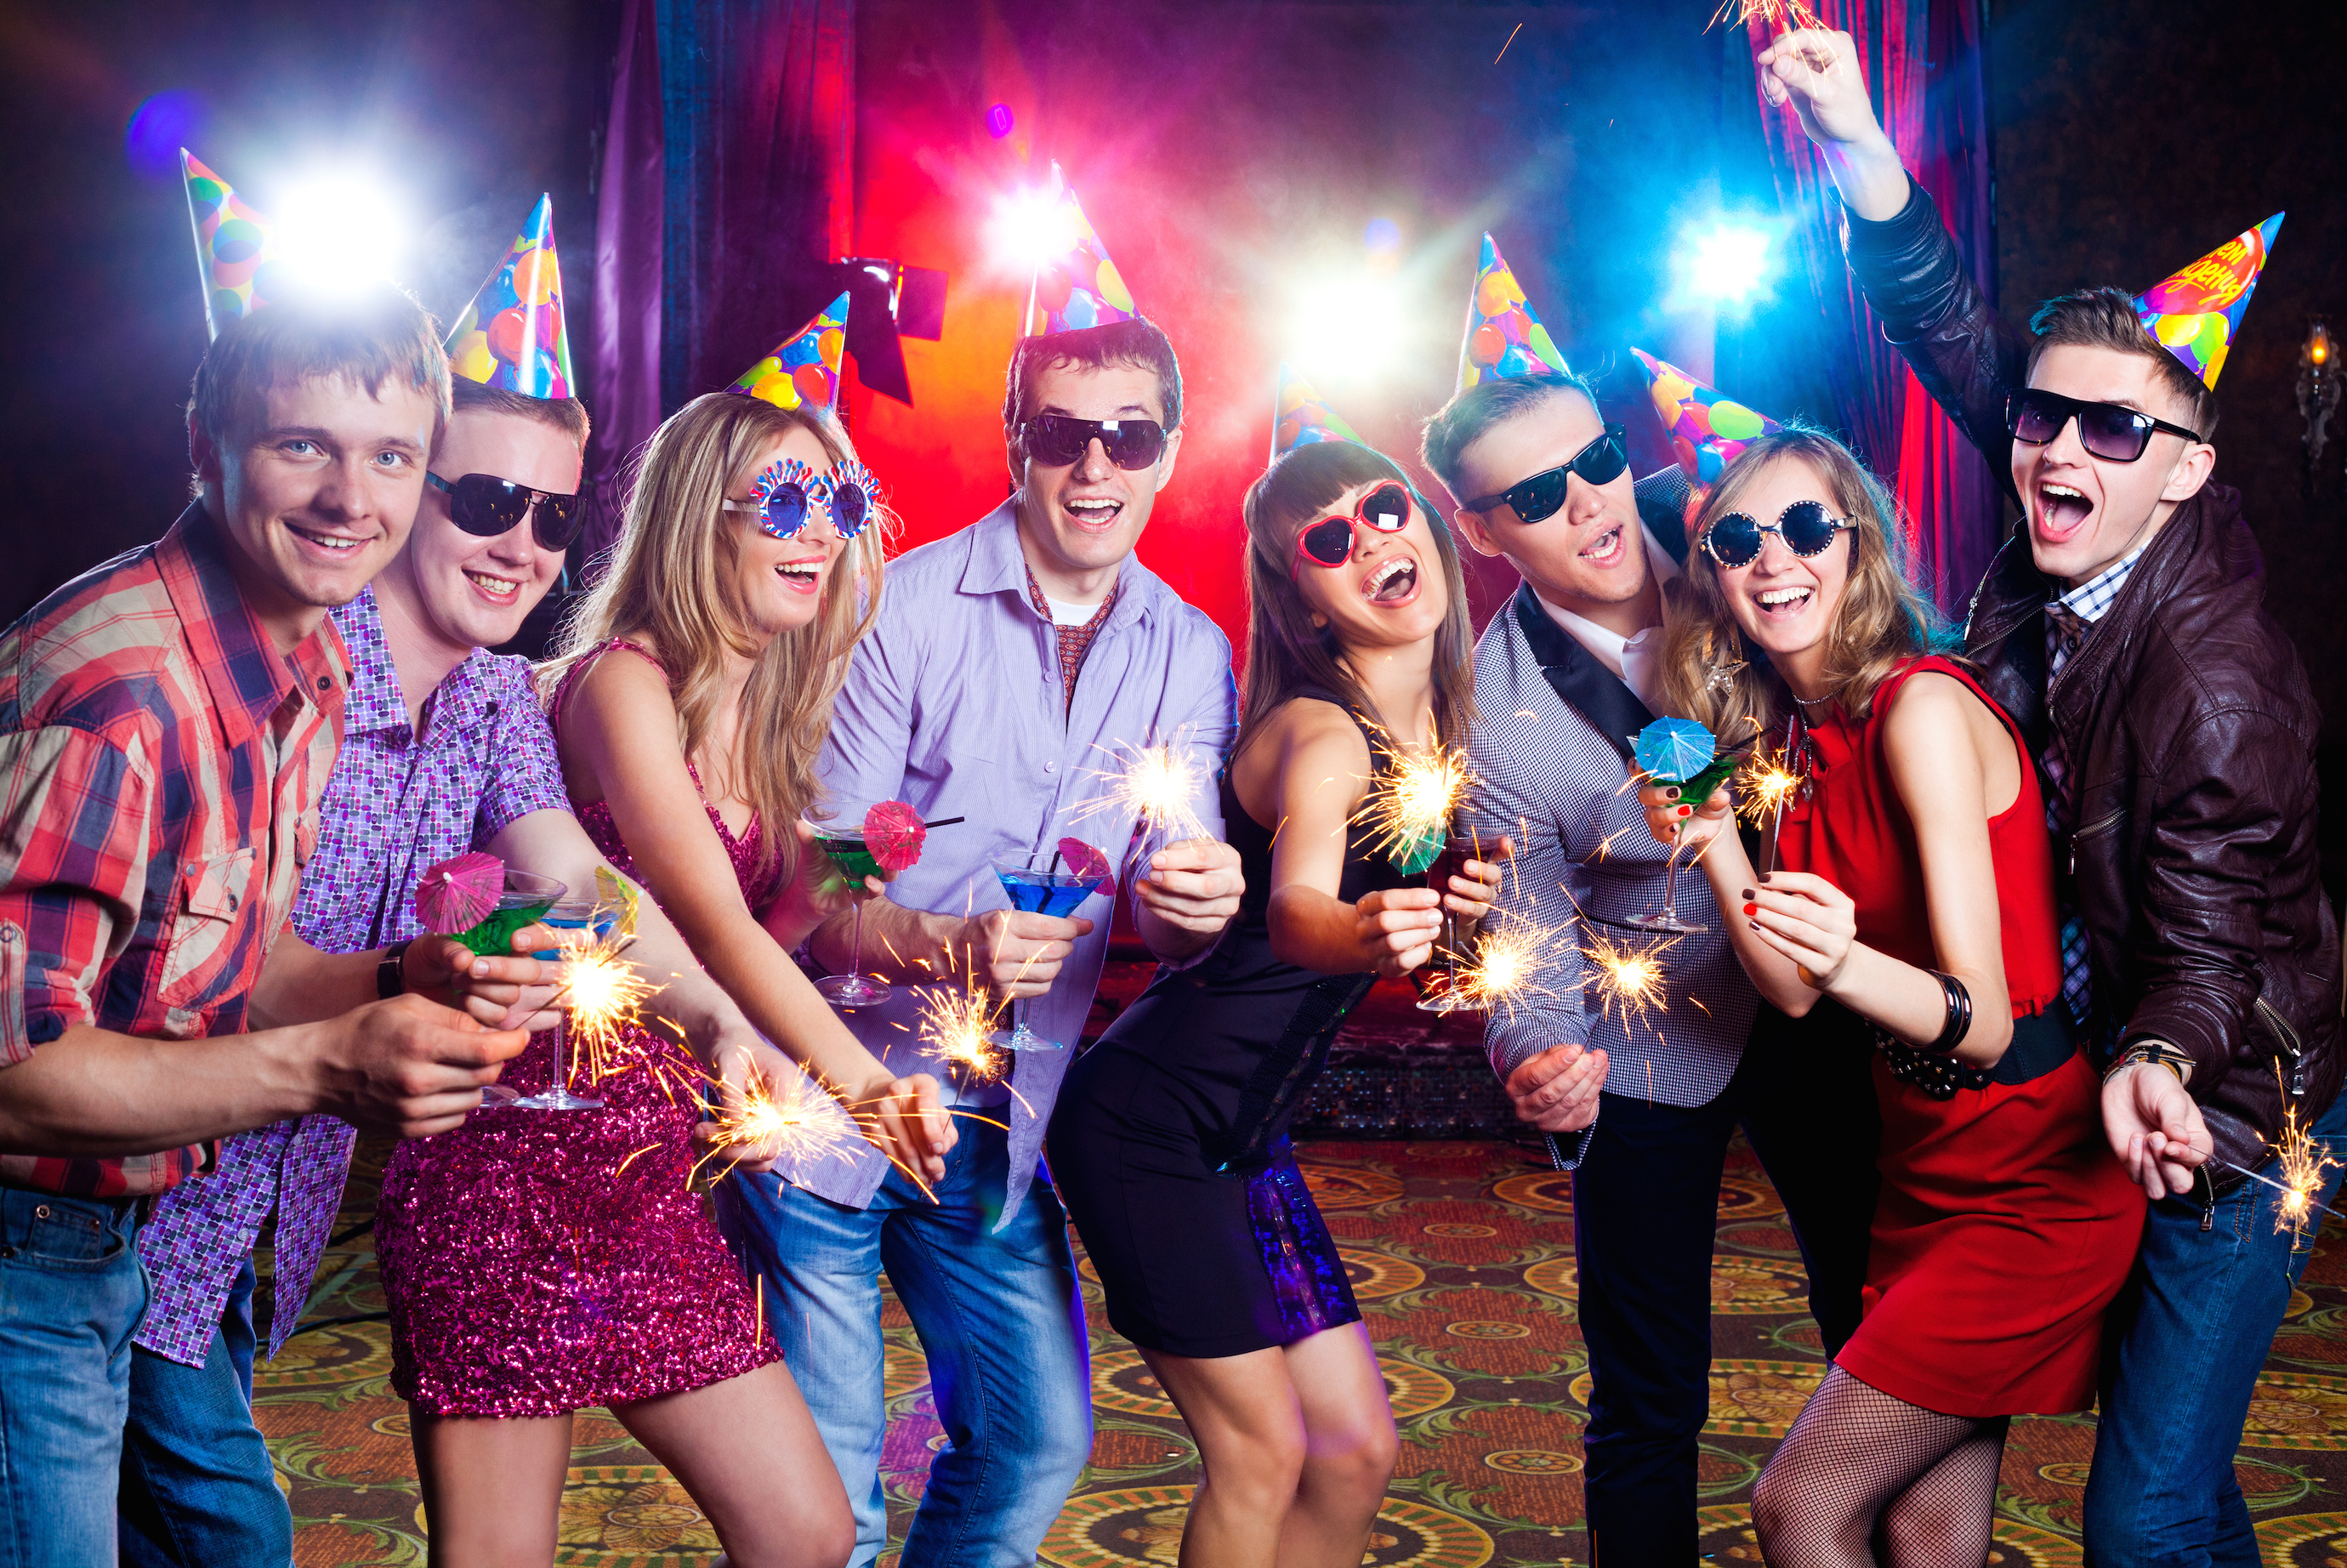 Смотреть развлечения в ночном клубе 4 фотография